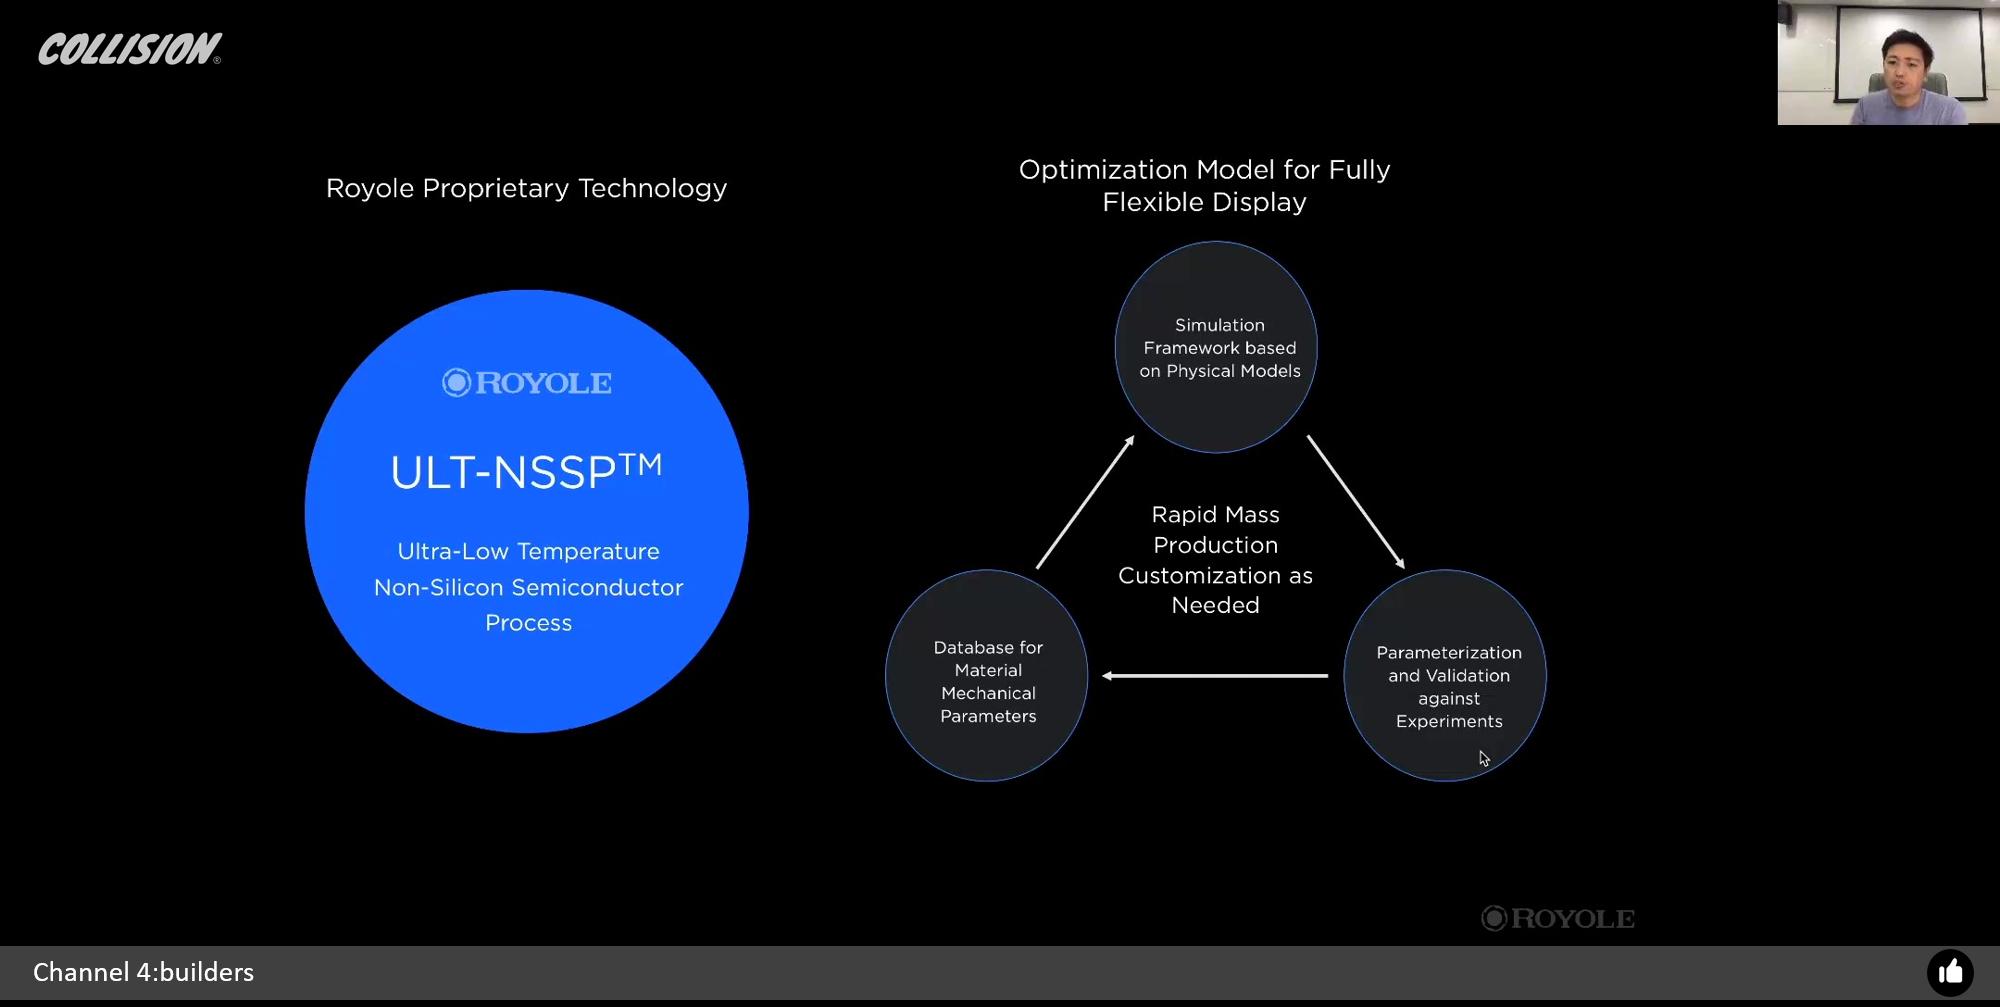 图6:柔宇科技自主创新研发的超低温非硅制程集成技术(ULT-NSSP)及智能力学仿真模型